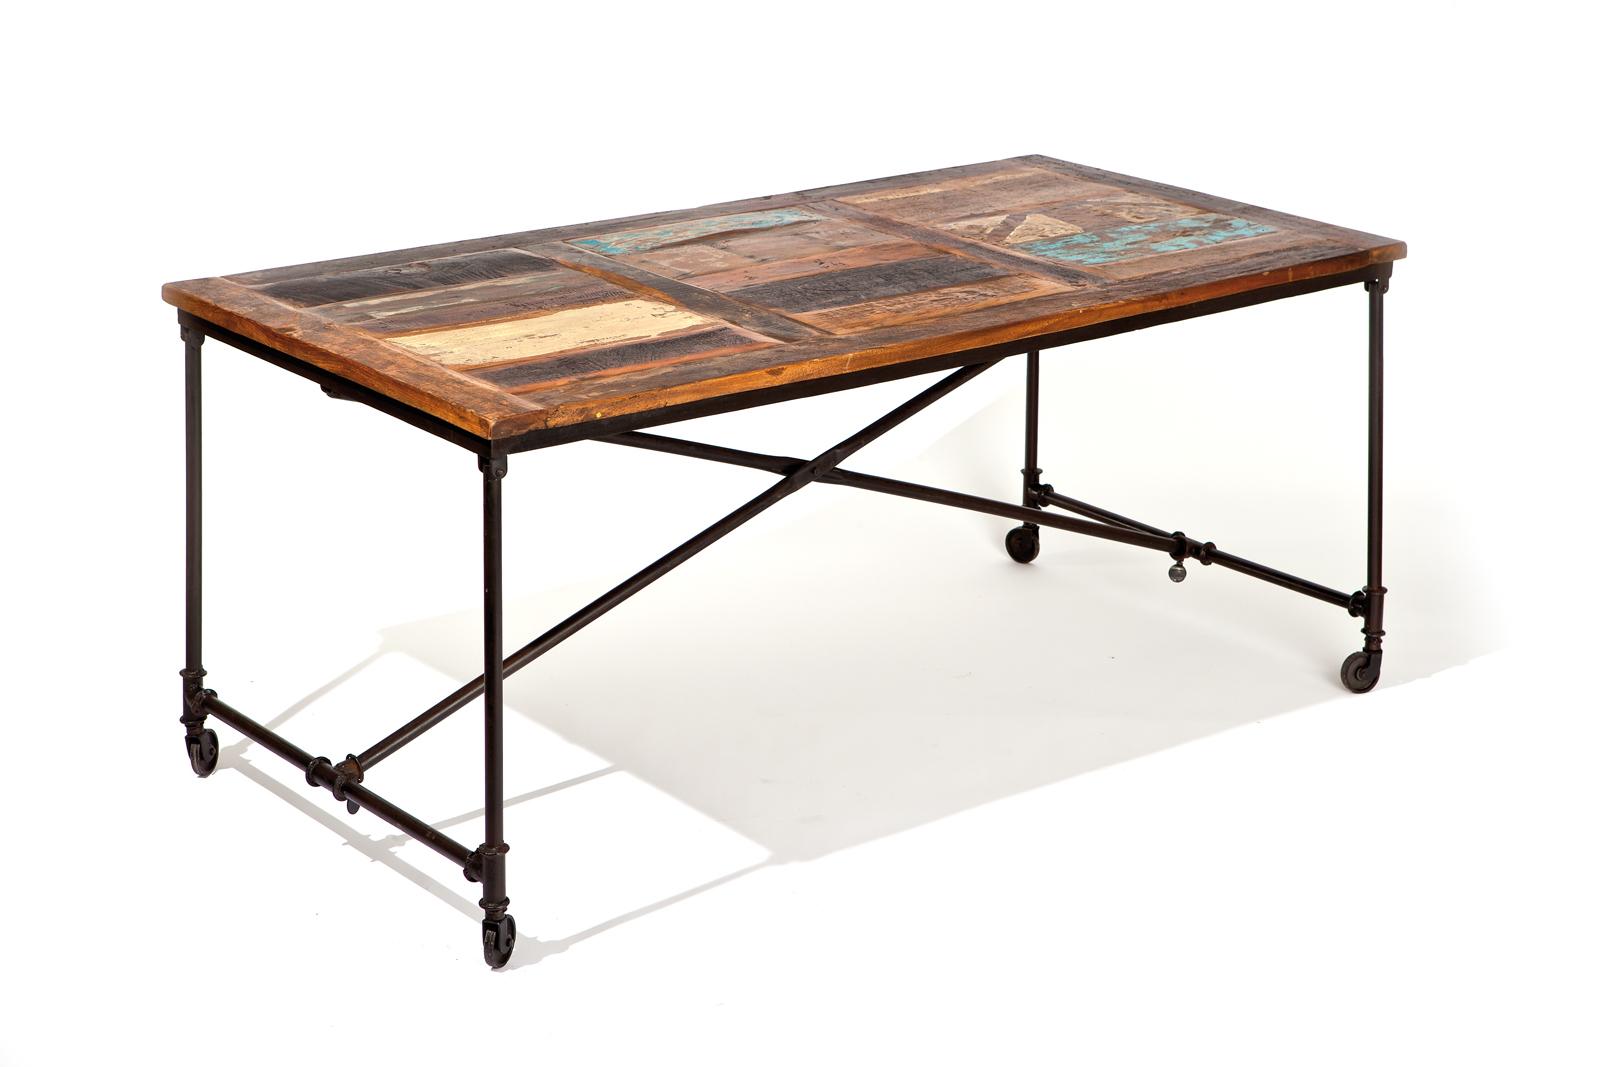 Tavolo da pranzo in legno riciclato madridroll miliboo - Tavolo legno riciclato ...